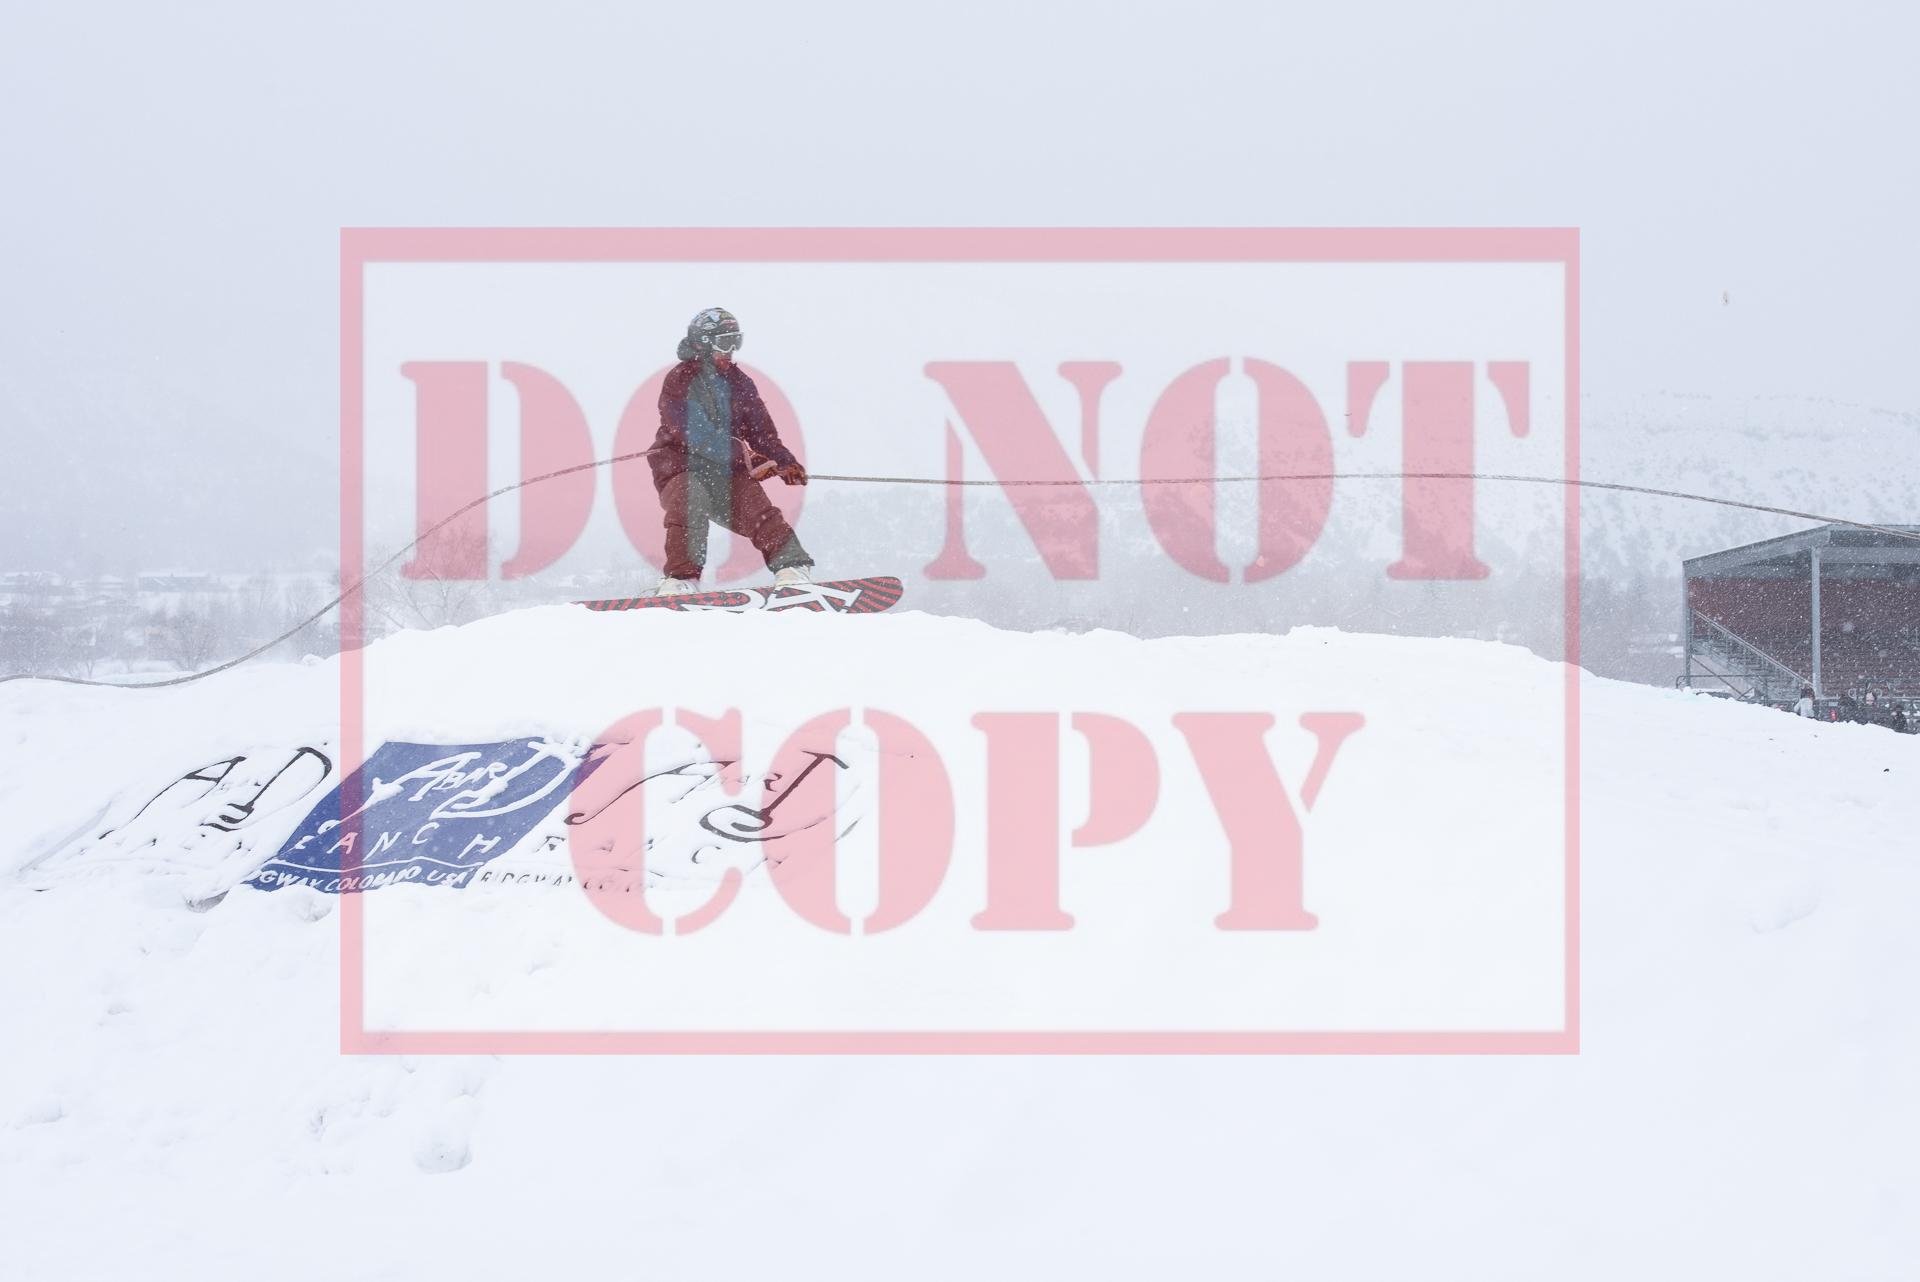 - Claudia Schmidt - Snowboard 4